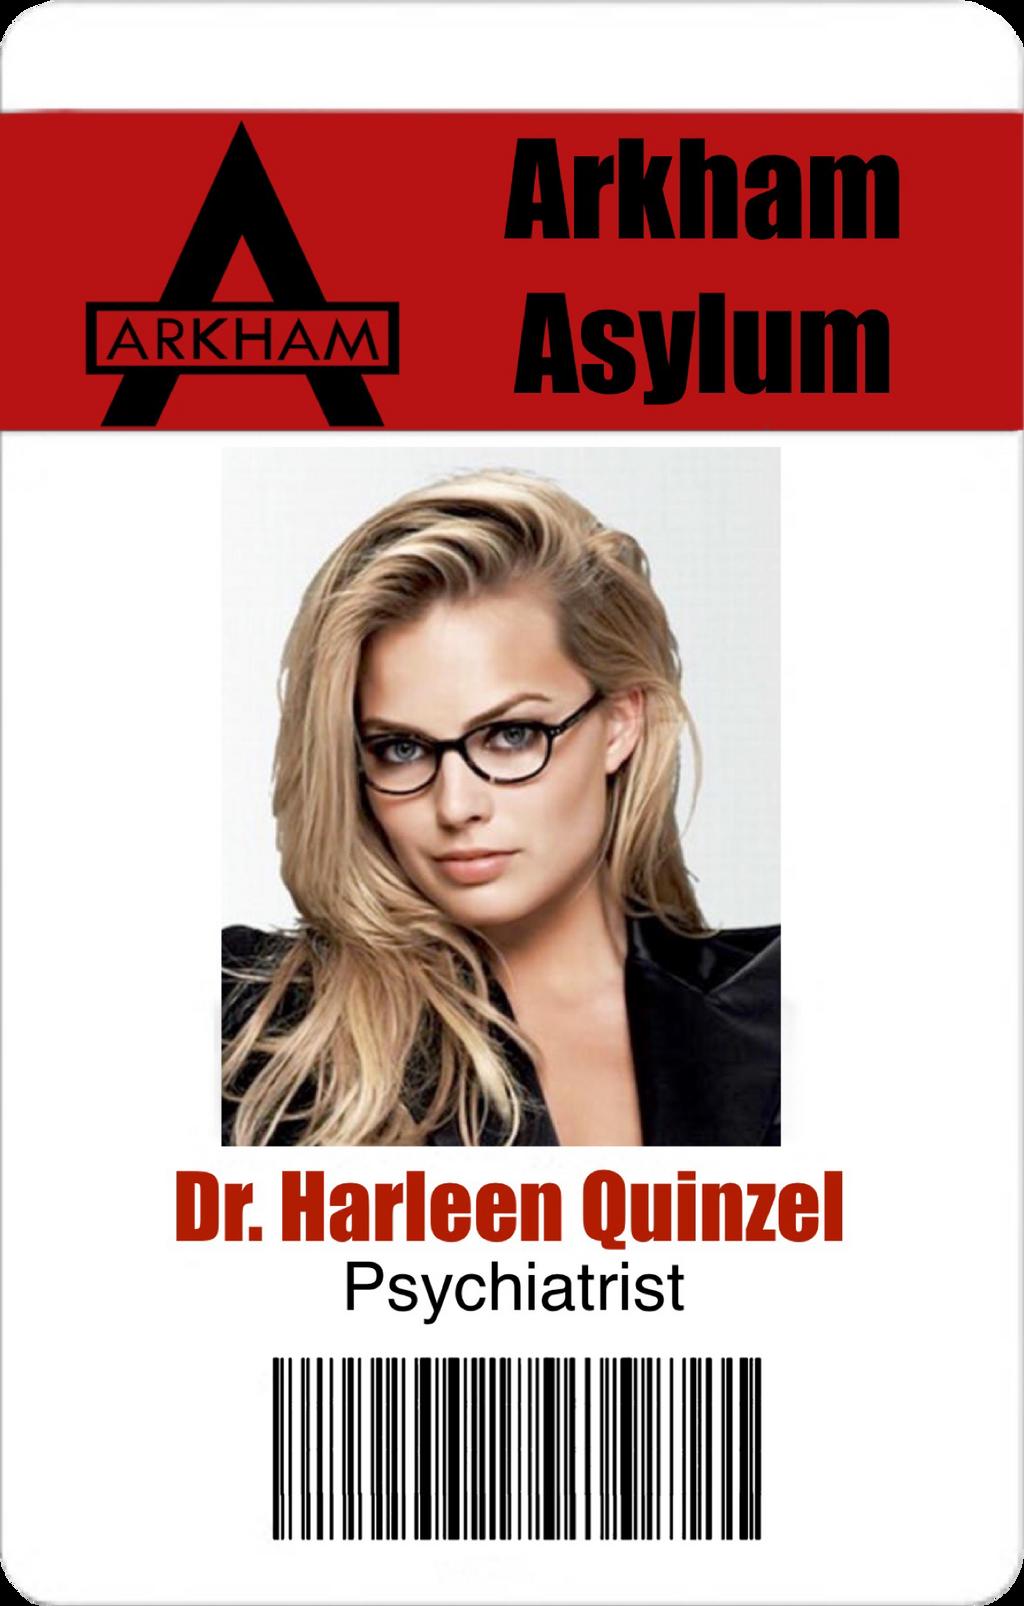 Dr. Harleen F. Quinzel